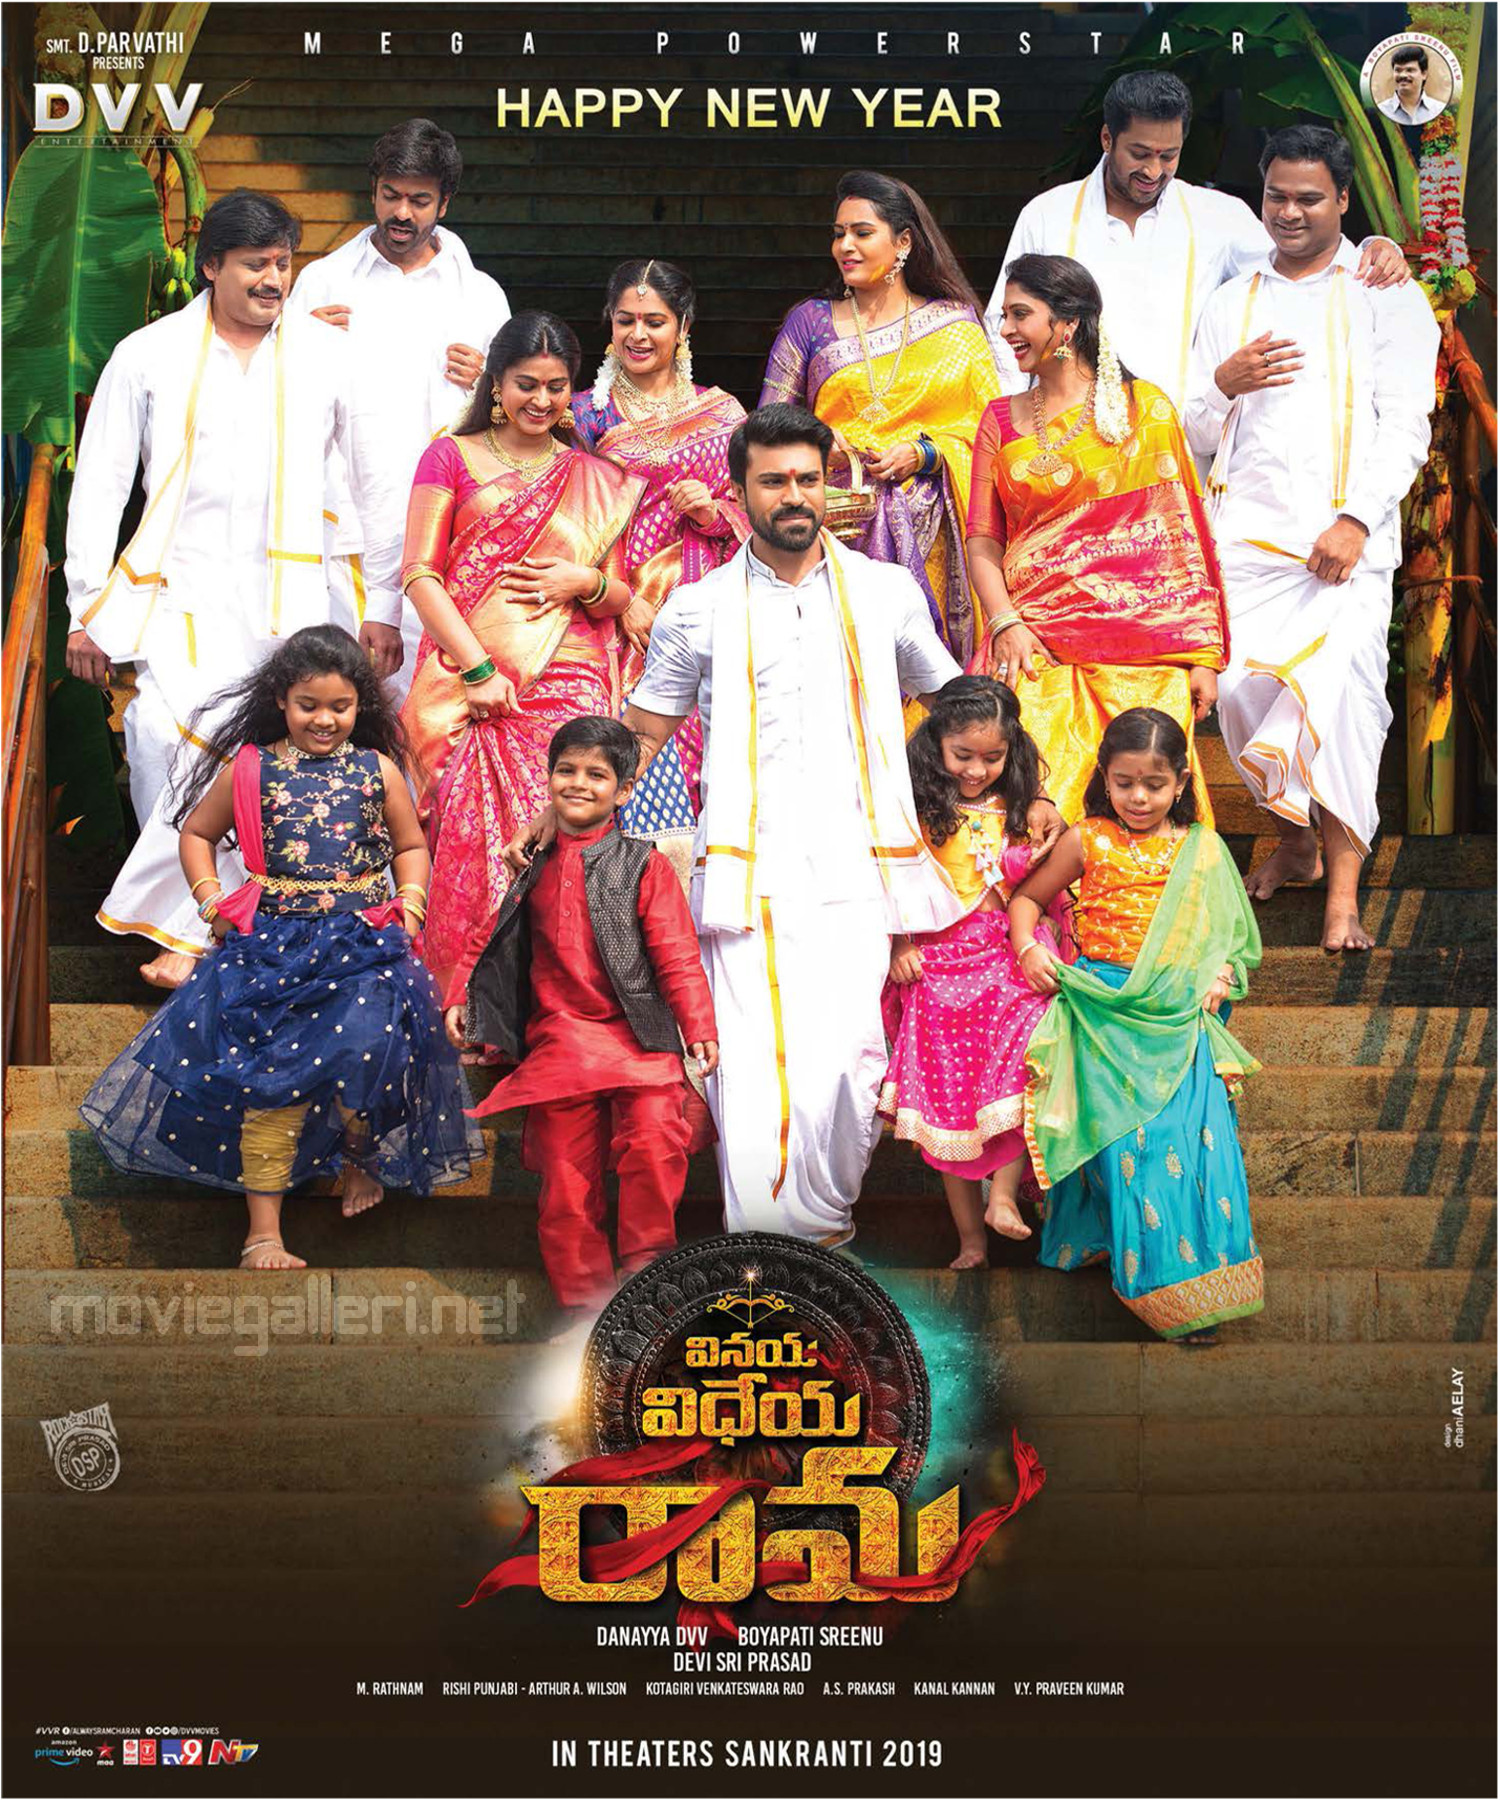 Ram Charan Vinaya Vidheya Rama Movie New Year 2019 Wishes Posters HD